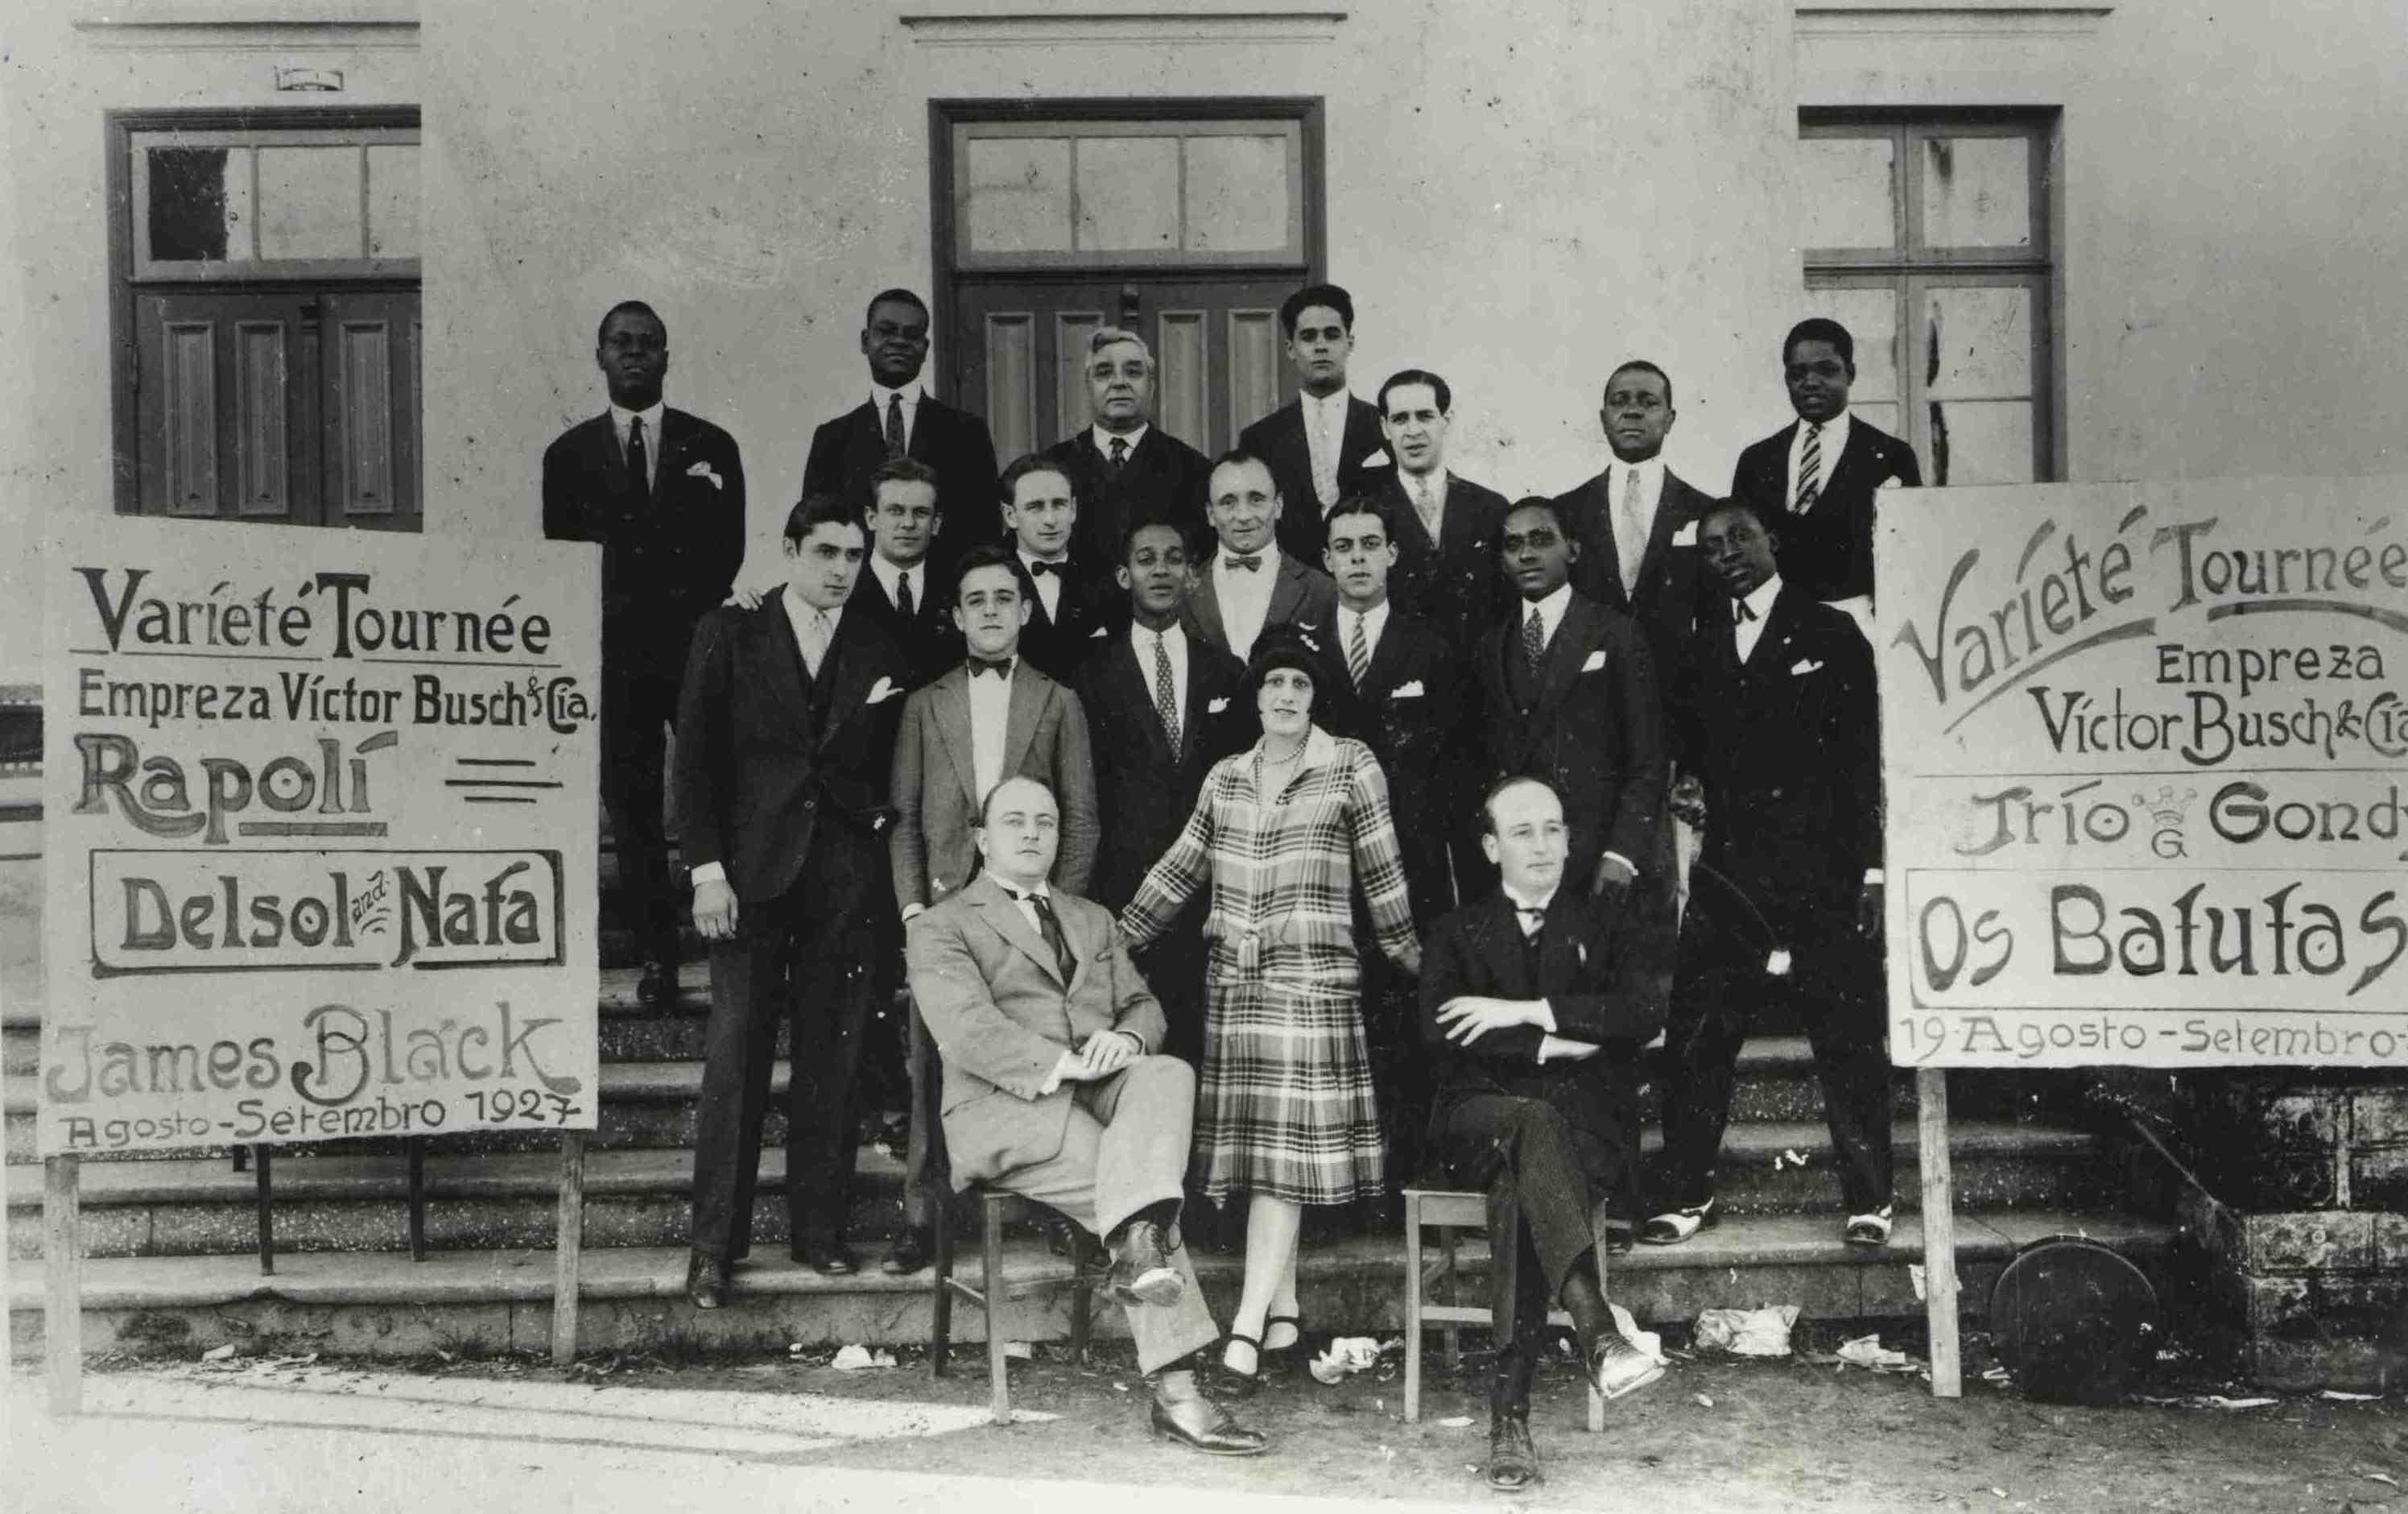 """Donga e Pixinguinha (fila de trás, o primeiro e o segundo da esquerda para a direita), Bonfiglio de Oliveira (fila do meio, o segundo da direita para a esquerda) e pessoas não identificadas. O cartaz à direita anuncia apresentação do grupo """"Os Batutas"""". Joinville (SC), 07/09/1927 (MIS_SCabral_103900 / Acervo Sérgio Cabral / MIS-RJ)"""